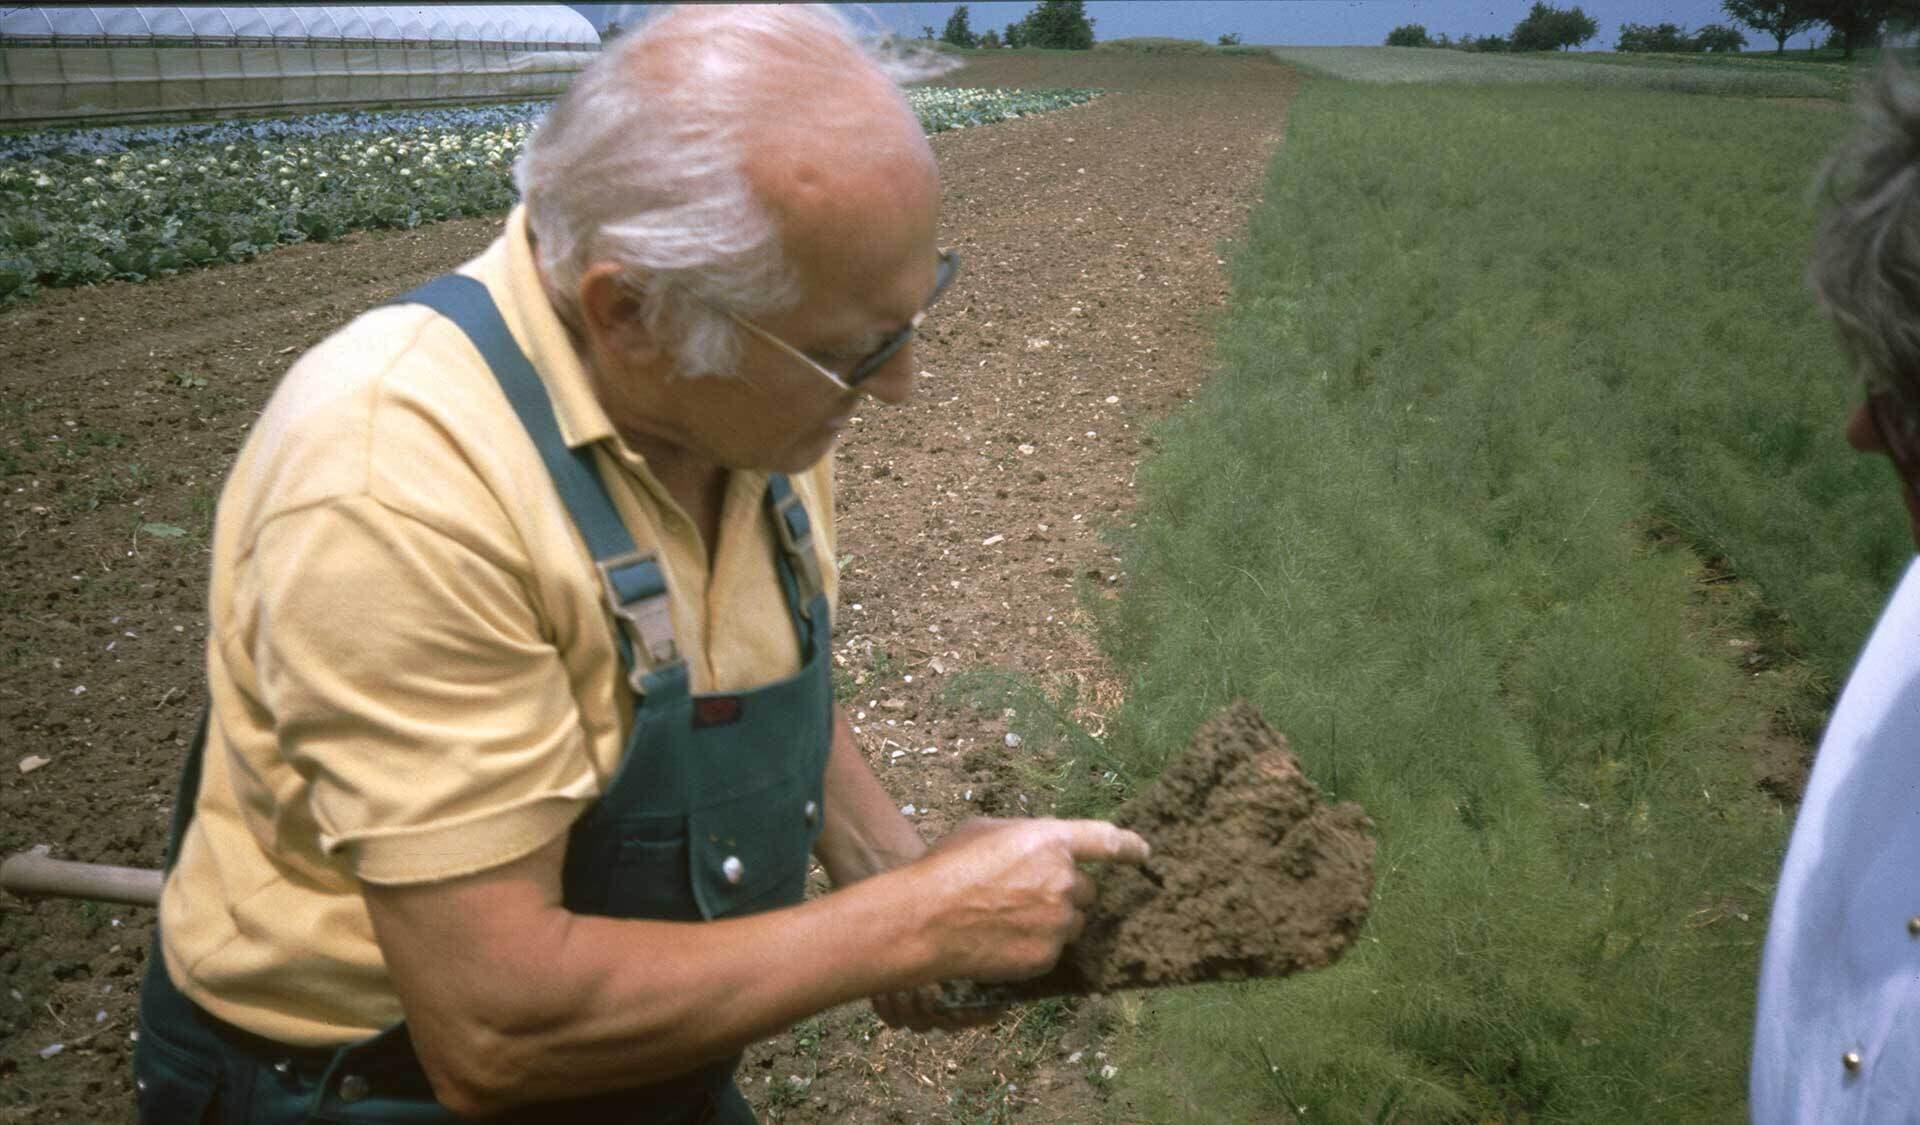 Bodenprobe in den 1980er Jahren beim Bioland-Betrieb Walter Gaiser in Waldorfhesslach in Baden-Württemberg.